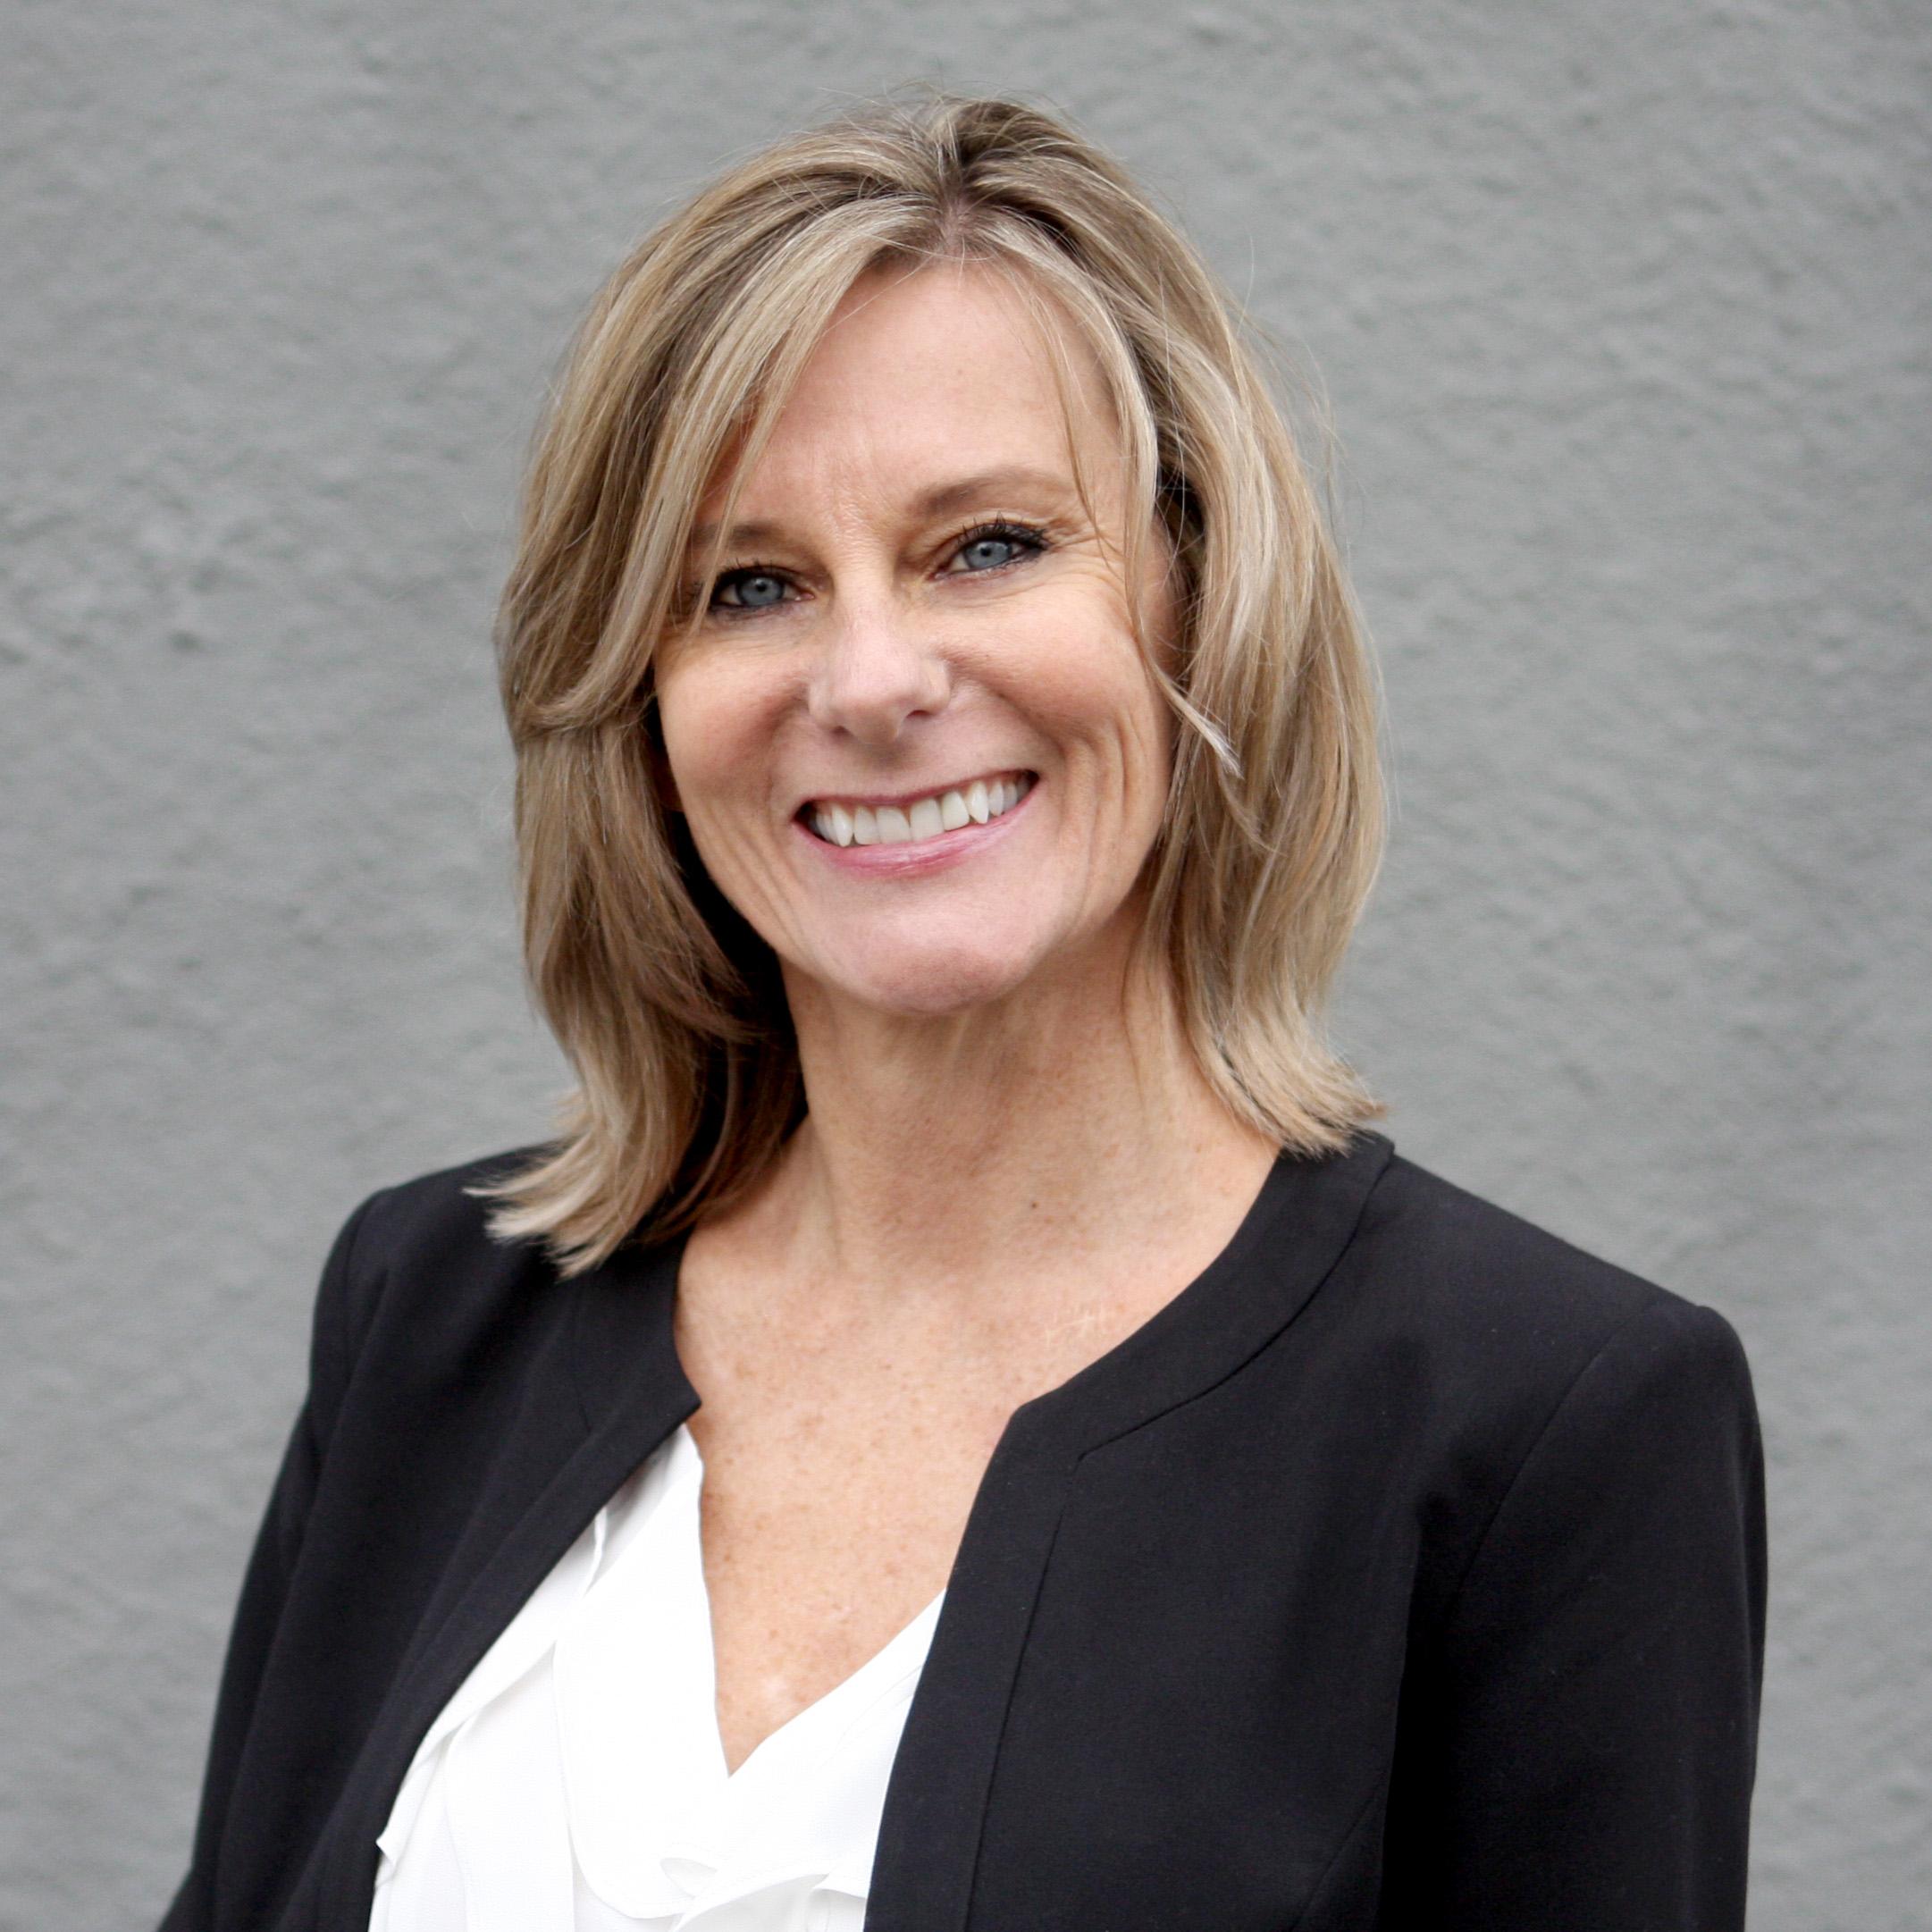 Shelley Stricker